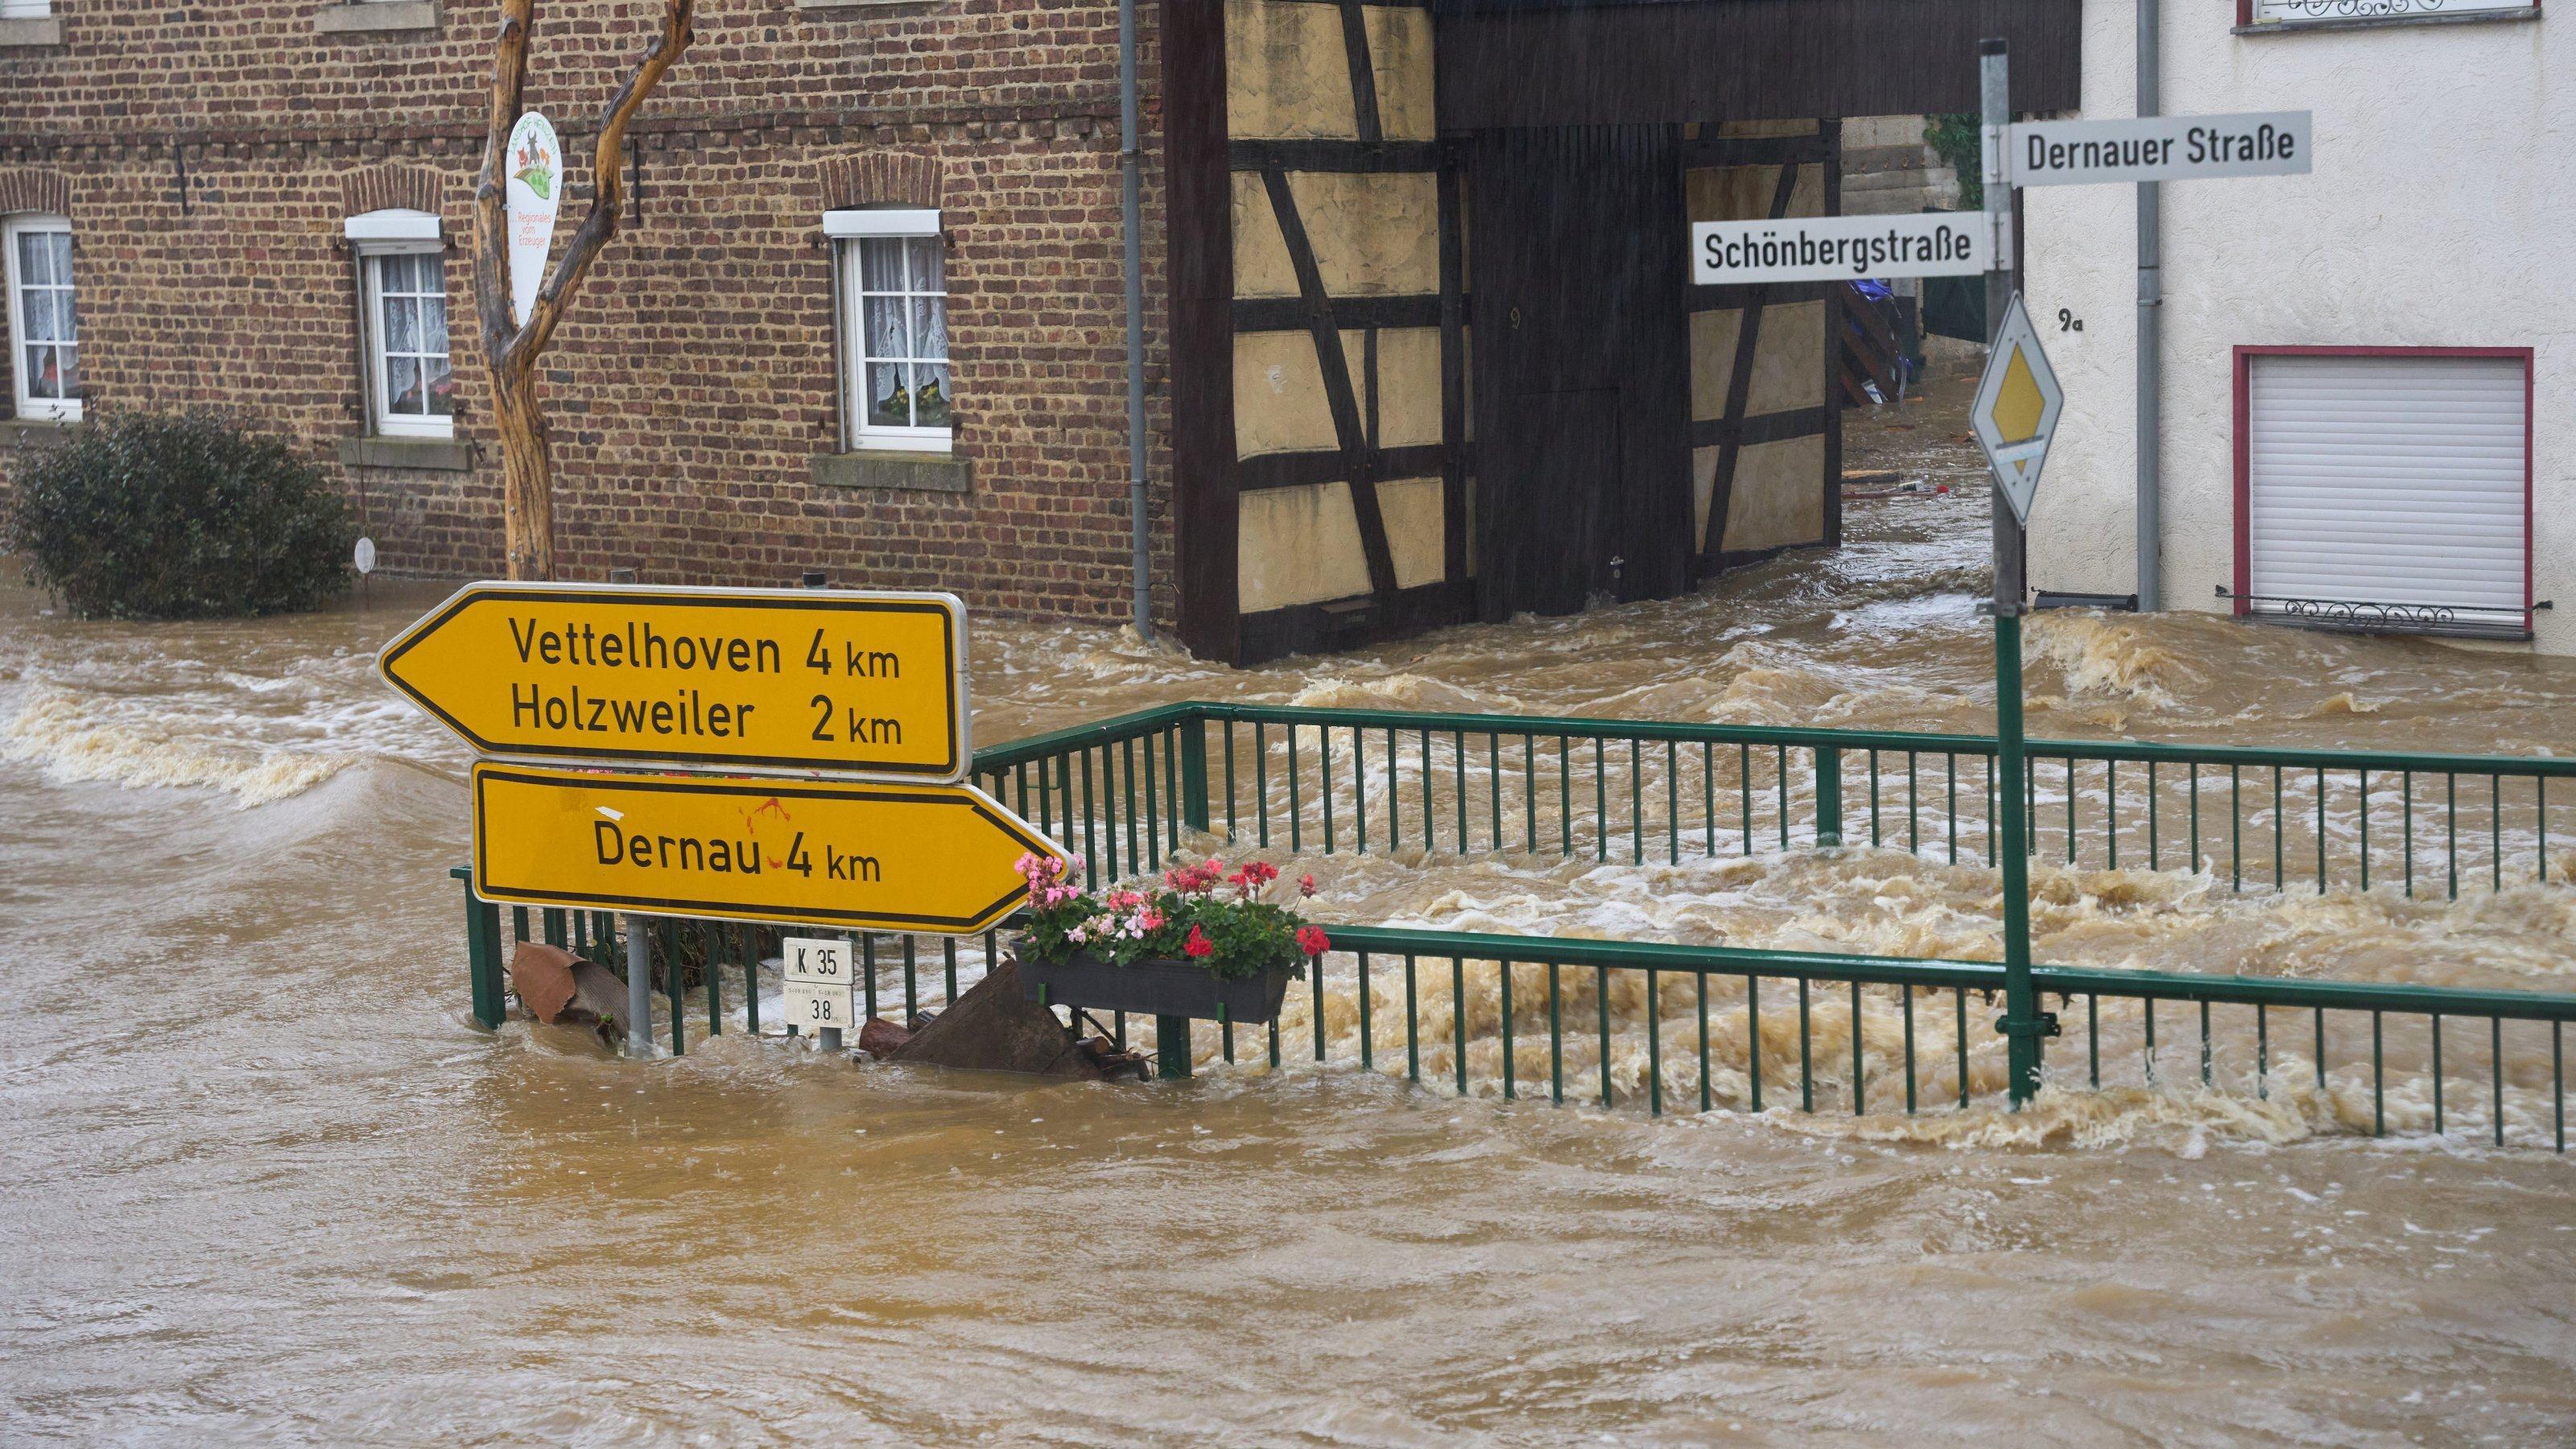 Die Straßen von Esch (Kreis Ahrweiler) haben sich in reißende Ströme verwandelt. Extreme Niederschläge, wie es sie selten gab, haben in Rheinland-Pfalz und Nordrhein-Westfalen zahlreiche Ortschaften und Keller geflutet.